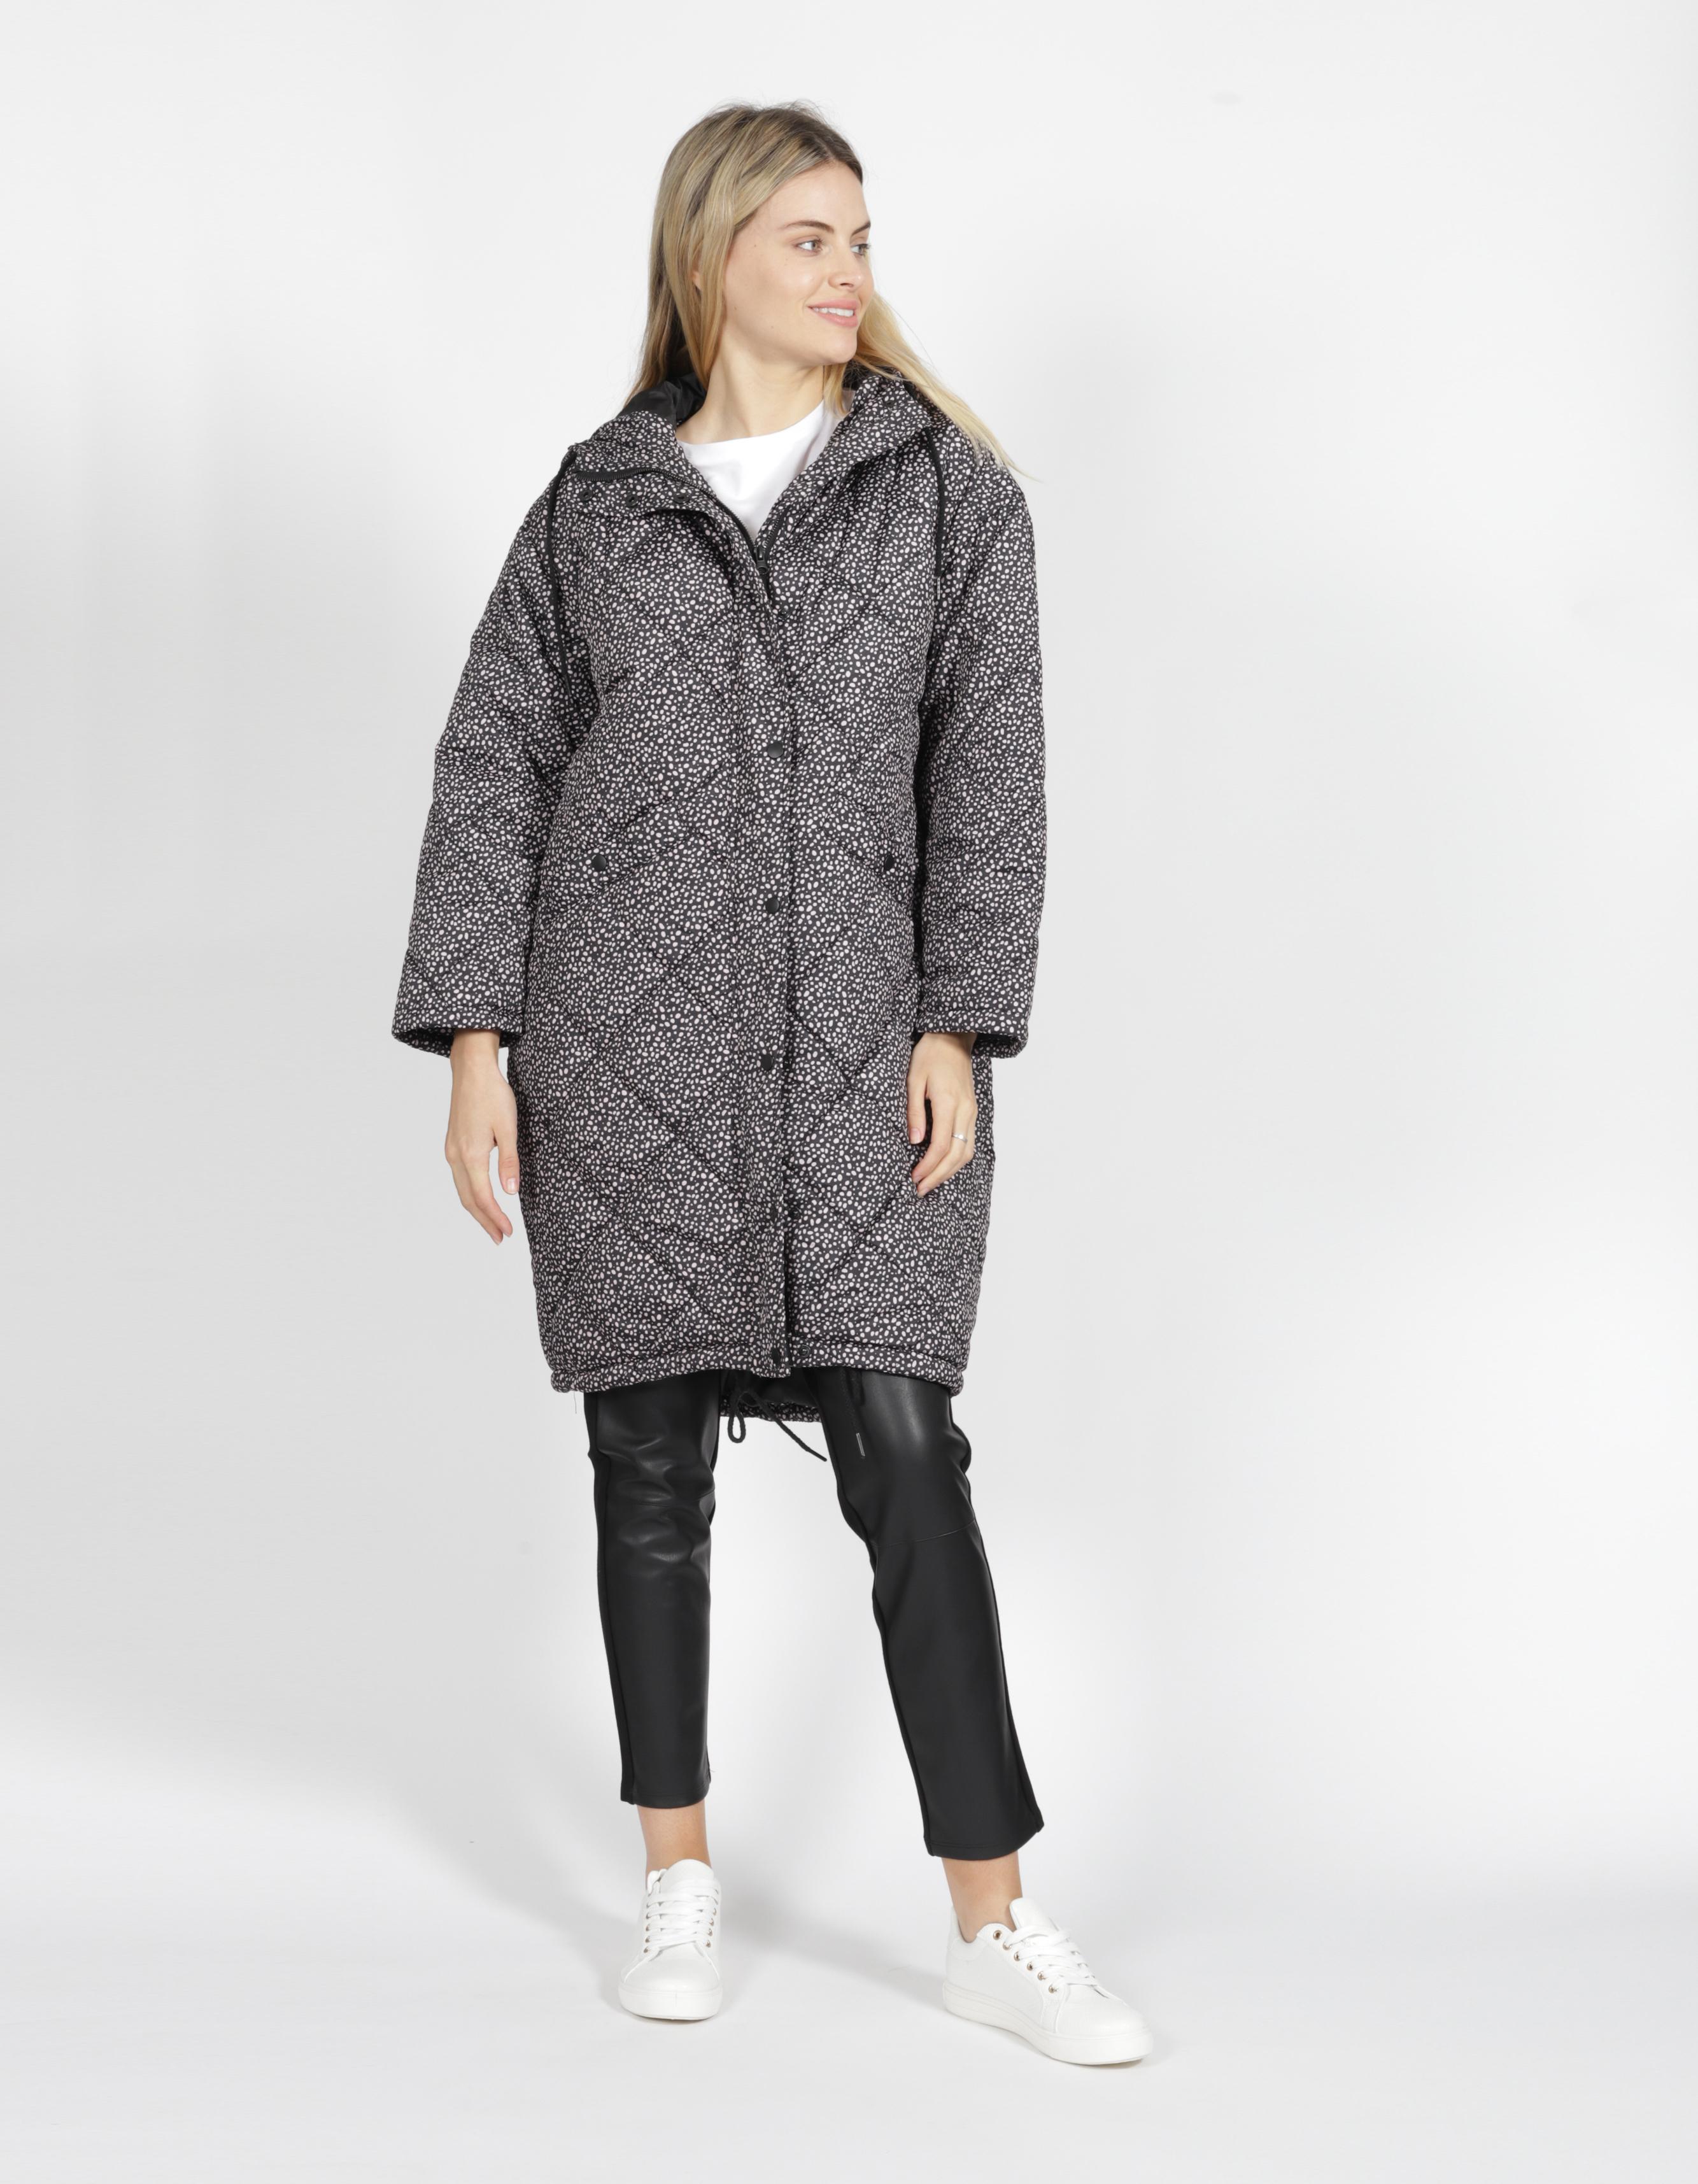 Sass Madison Puffer Jacket Spot